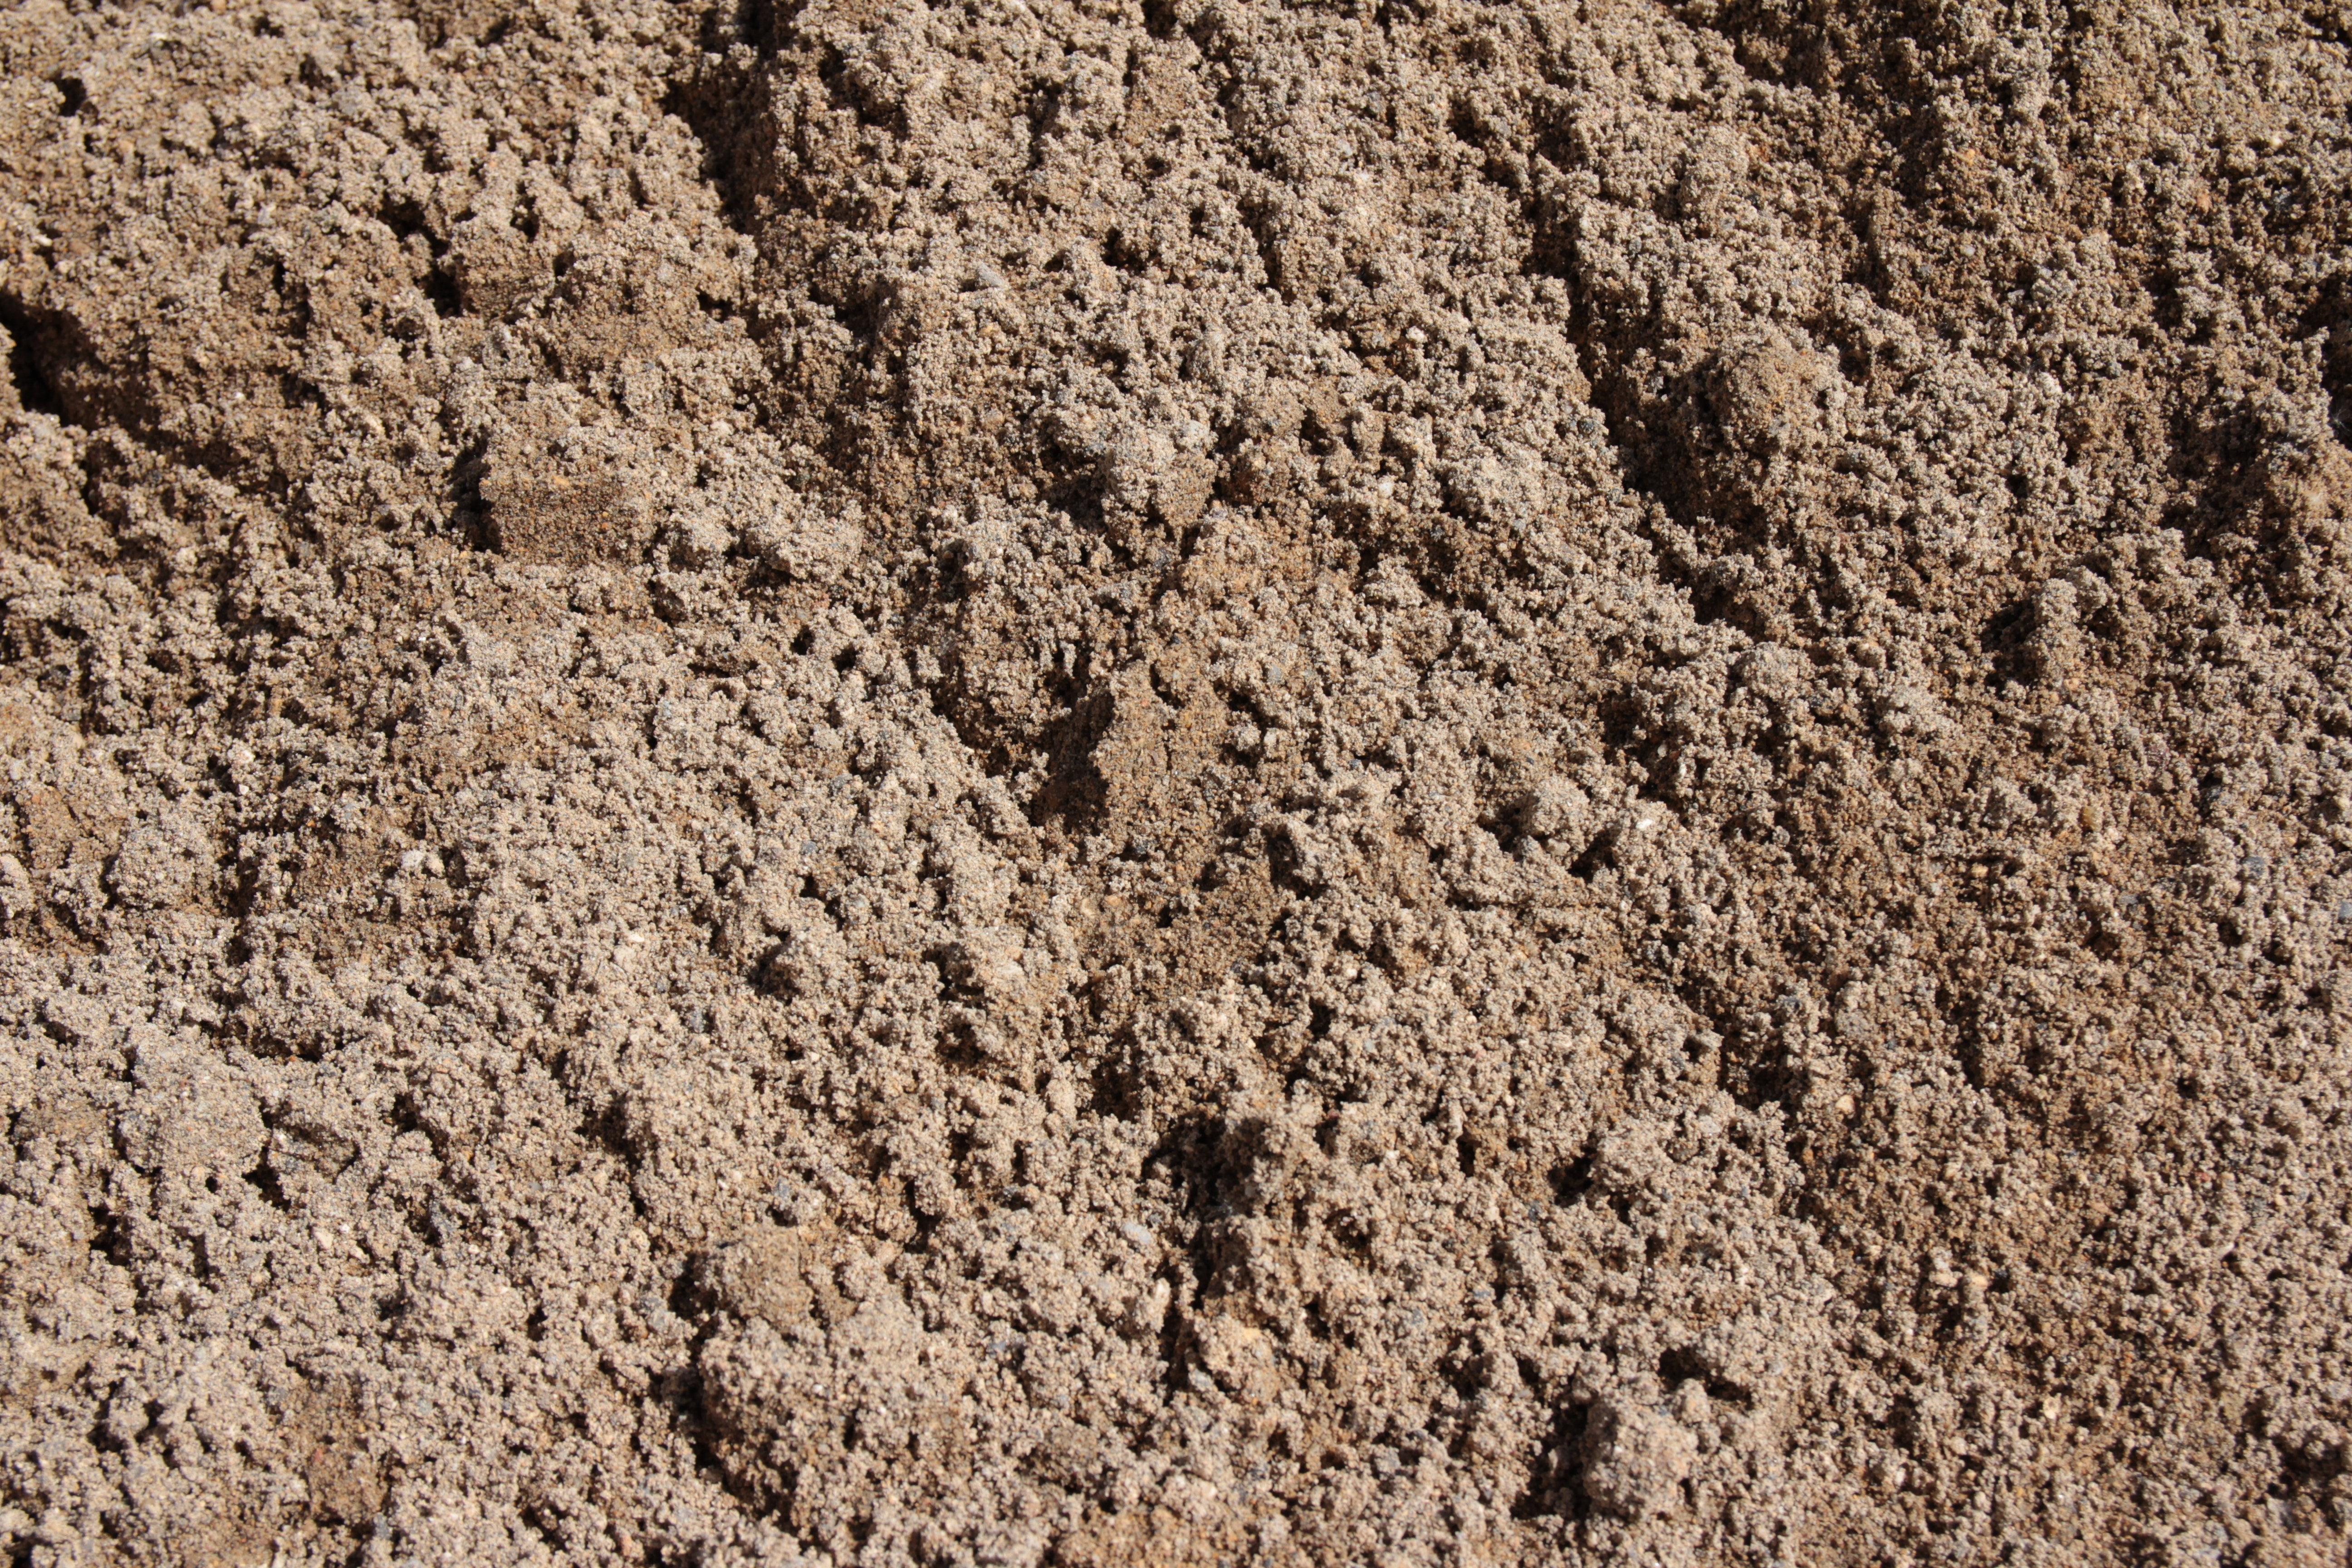 gewaschener Sand 0-4 mm